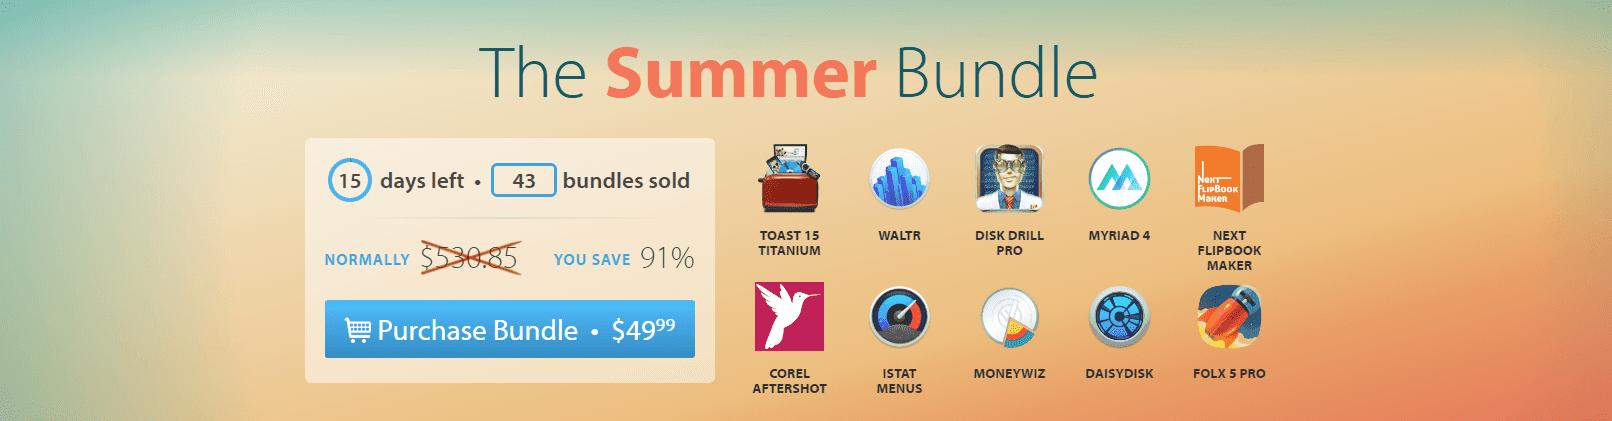 macupdate The Summer Bundle